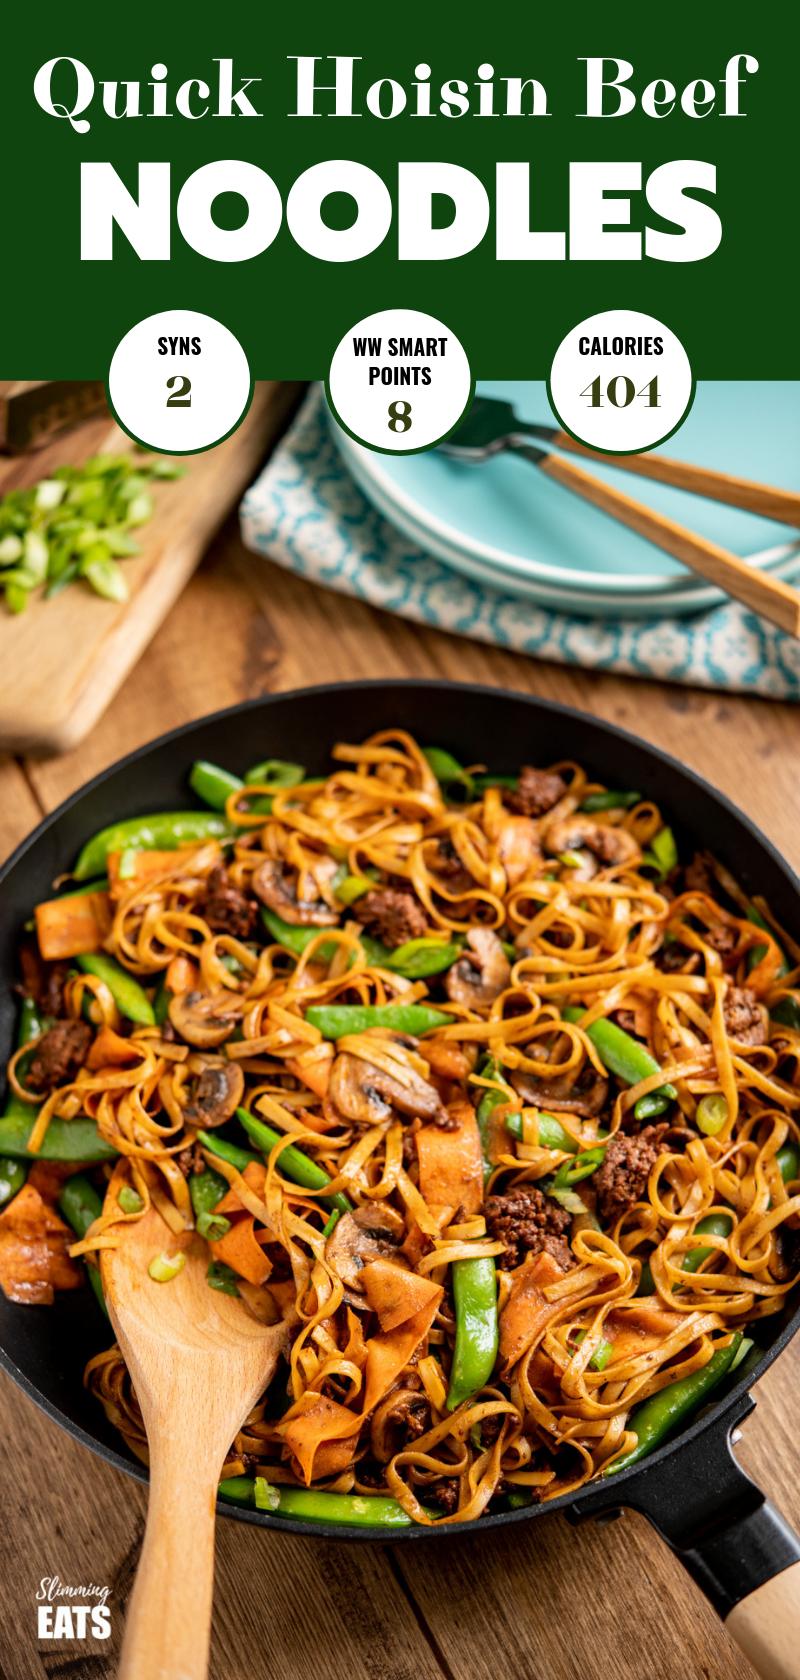 Quick Hoisin Beef Noodle Stir Fry   Slimming Eats - Slimming World#beef #eats #fry #hoisin #noodle #quick #slimming #stir #world